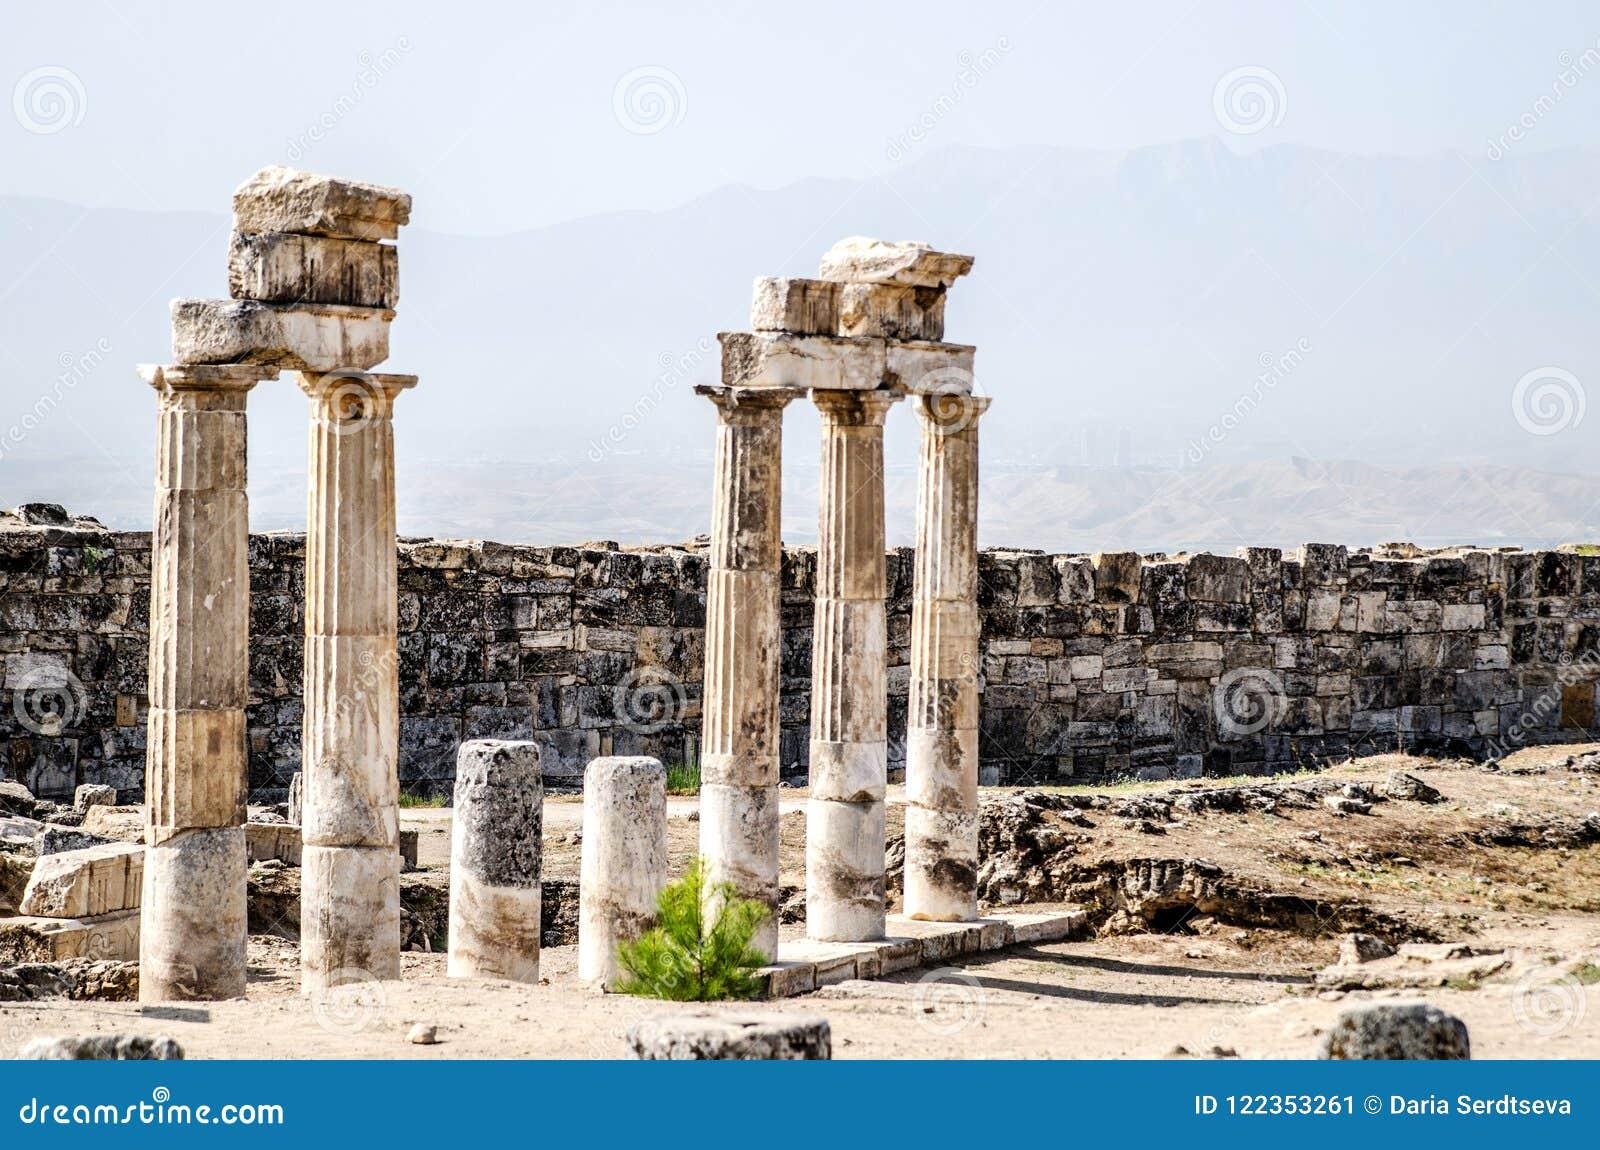 Oude ruïnes van kolommen in de oude stad van Hierapolis in Pamukkale, Turkije